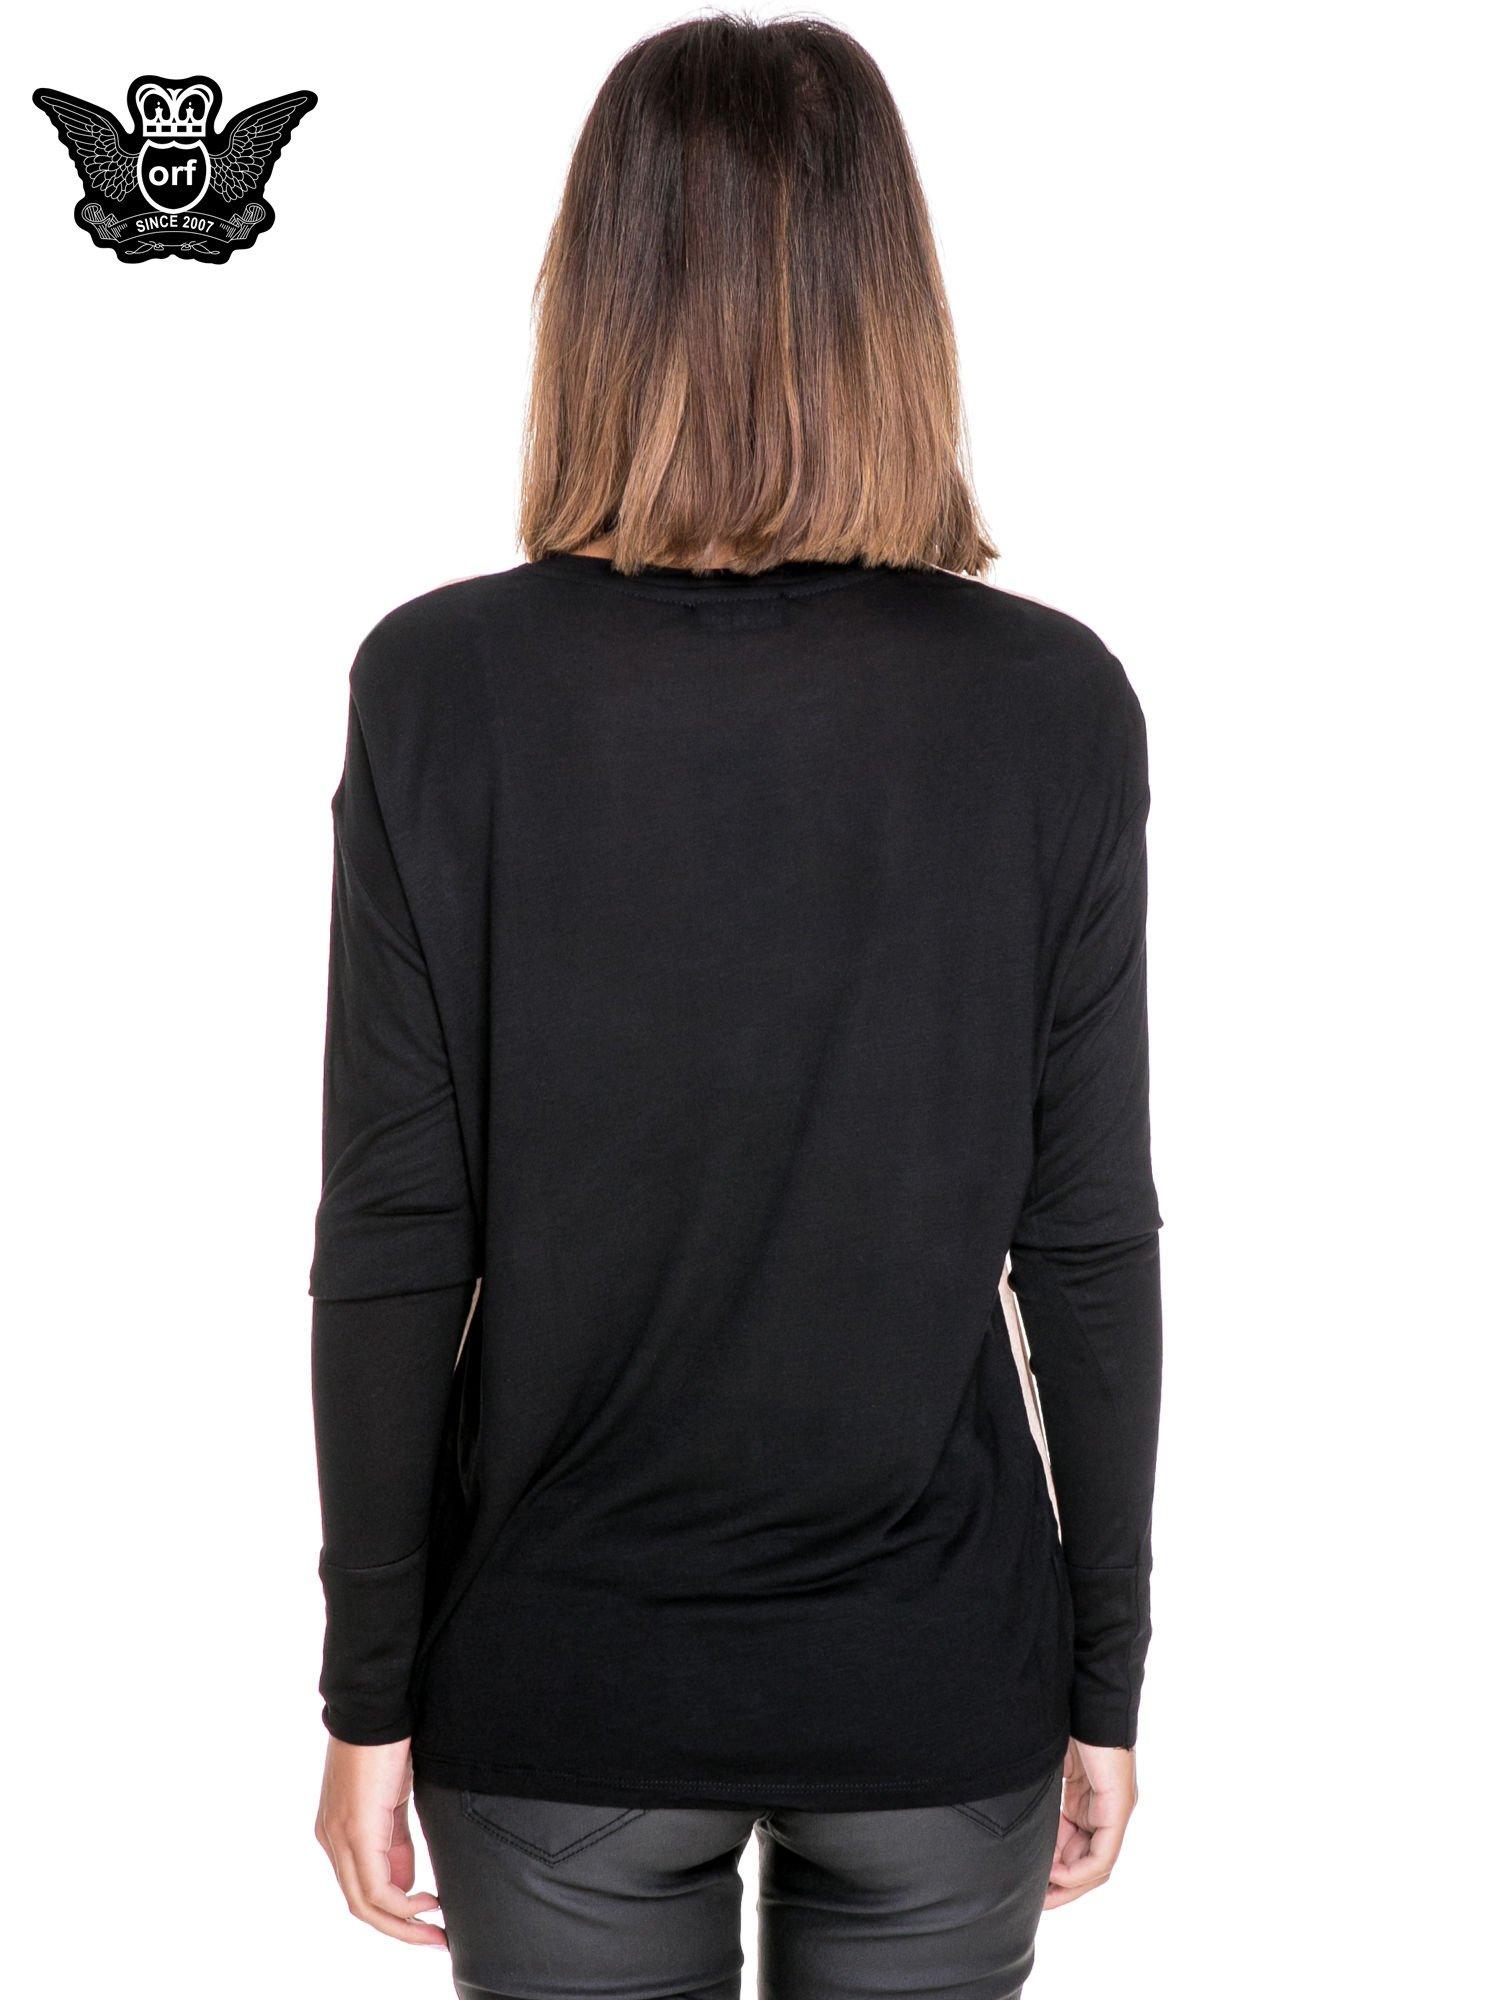 Koszula z satynowym przodem i nadrukiem kobiet                                  zdj.                                  2